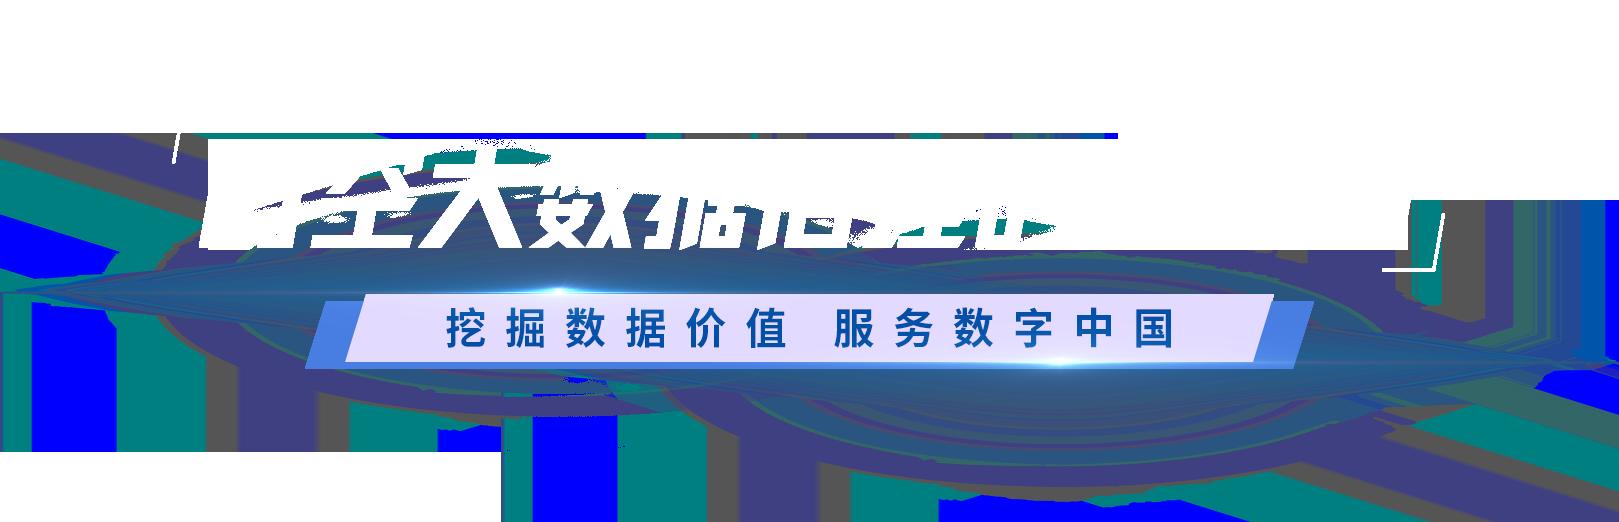 时空大数据解决方案领航者banner切图2